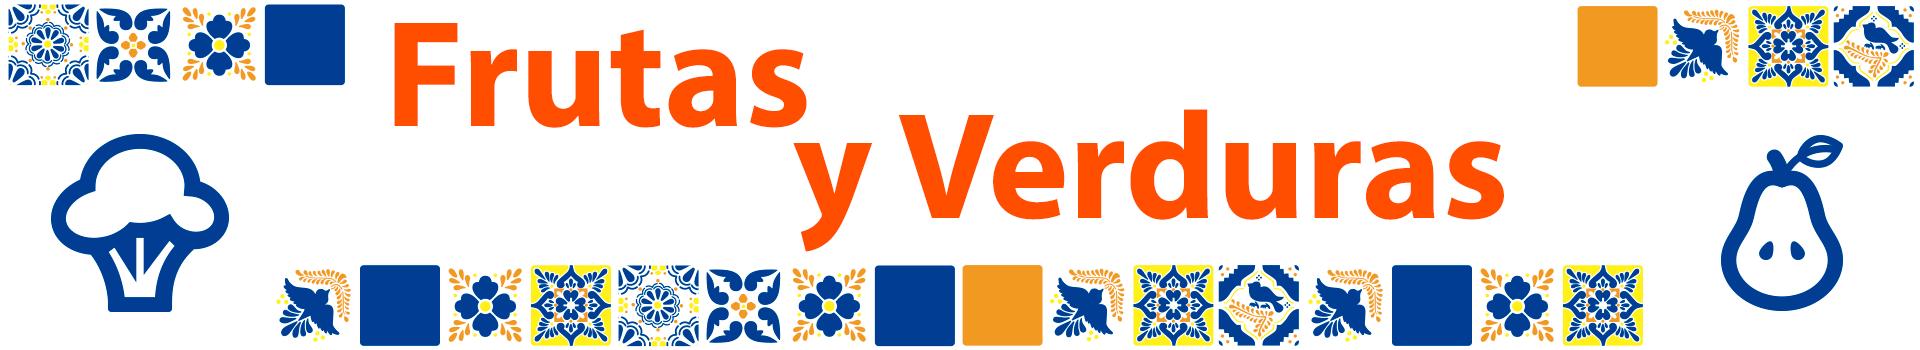 Banner Frutas y Verduras